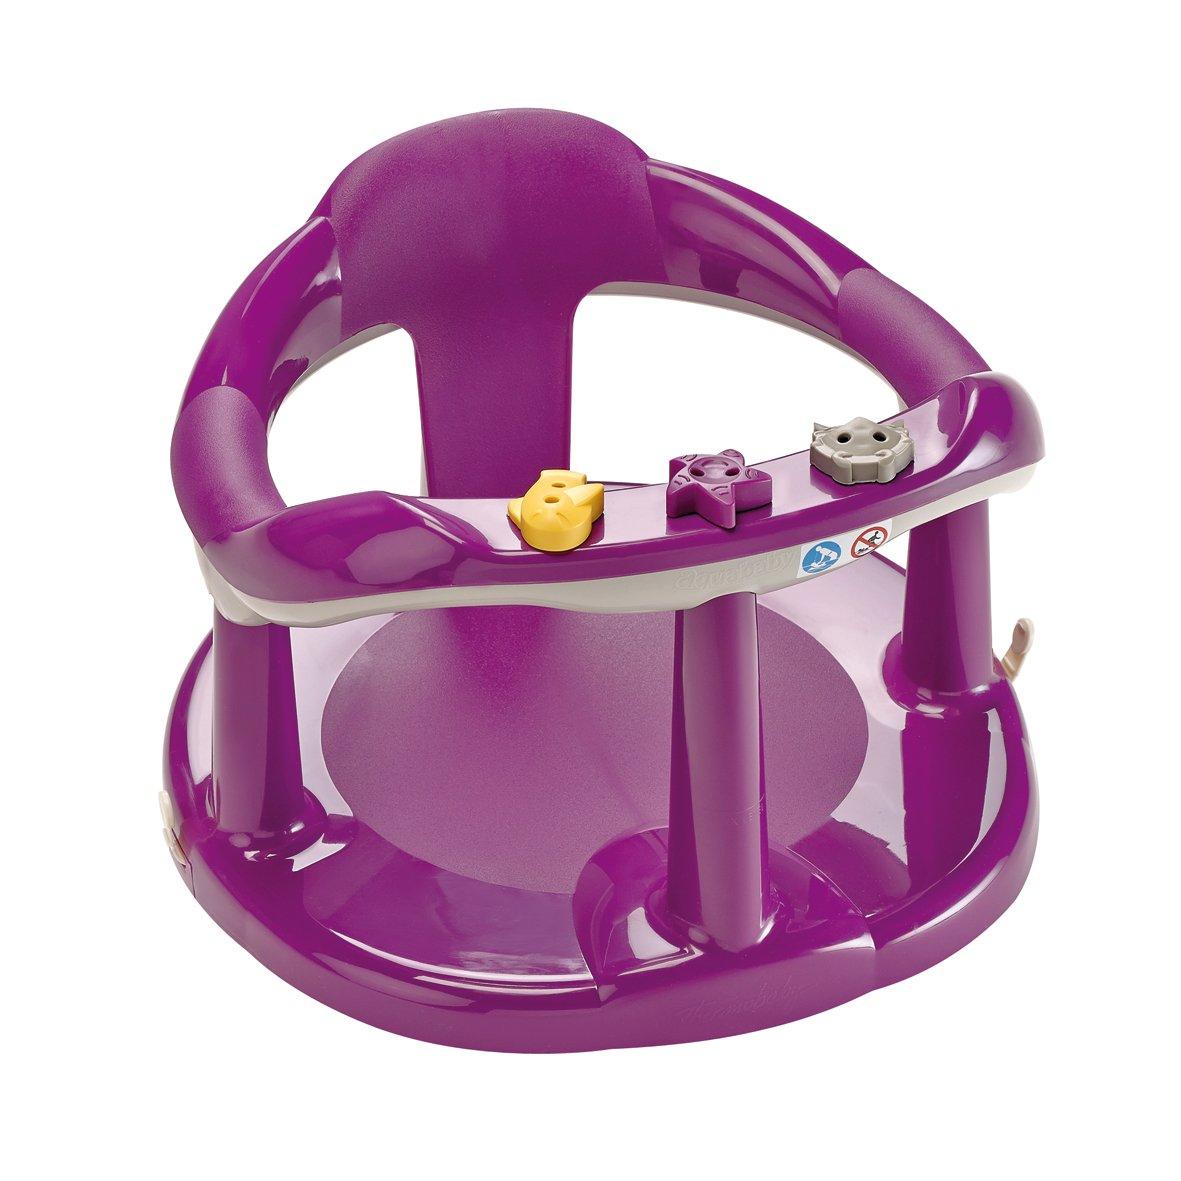 Thermobaby Aquababy Bath Seat Plum/Grey: Amazon.co.uk: Baby